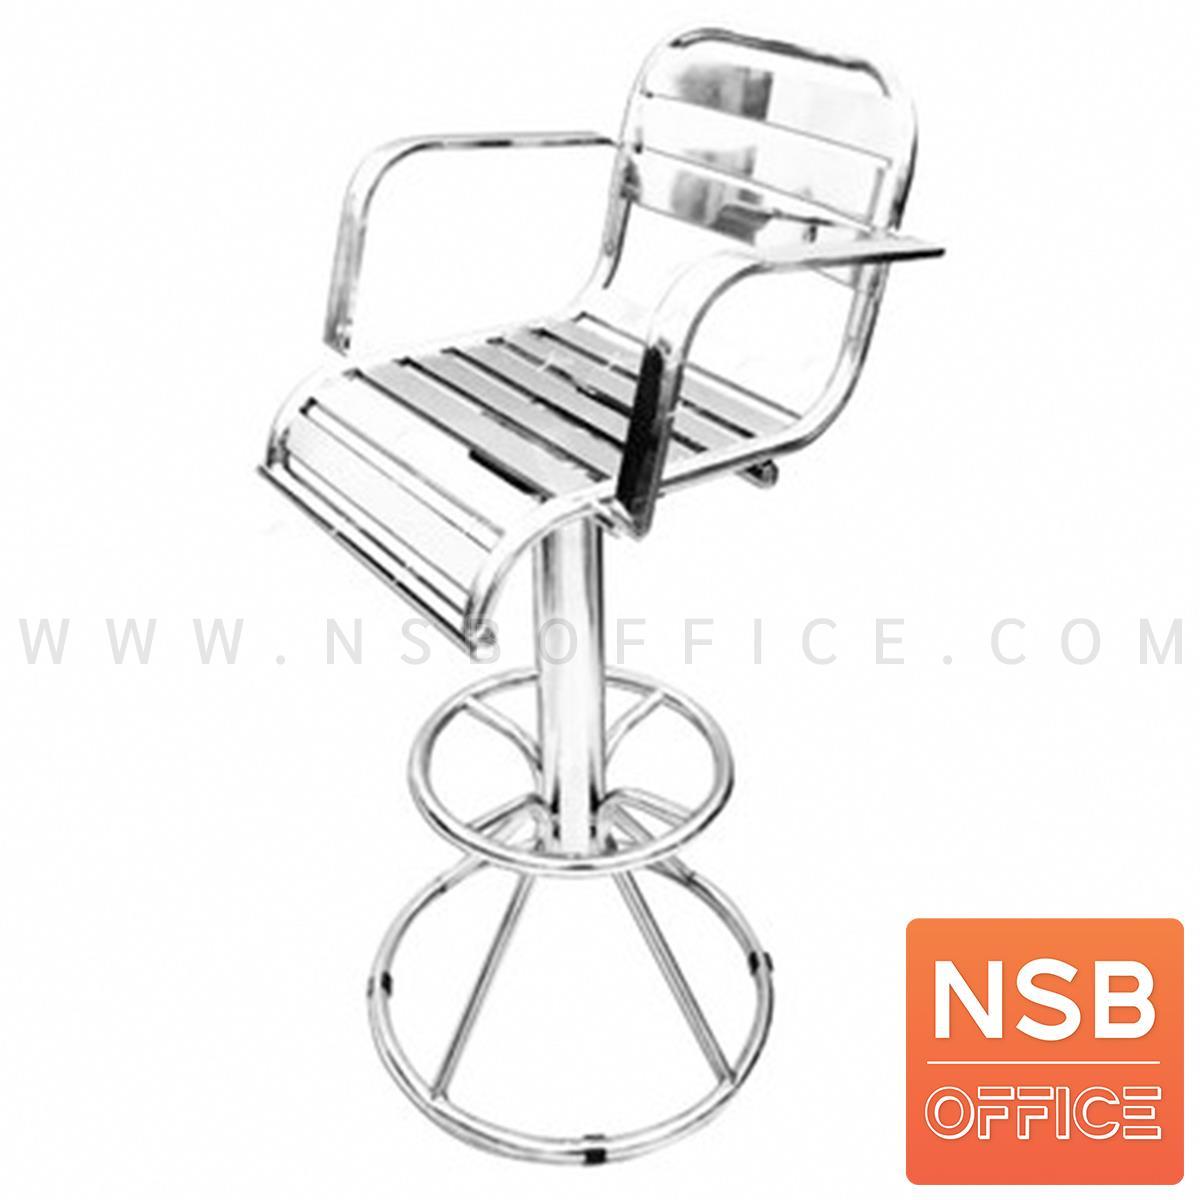 B09A232:เก้าอี้บาร์ที่นั่งโค้ง  รุ่น Eucer (ยูเซอร์)   สเตนเลสล้วน